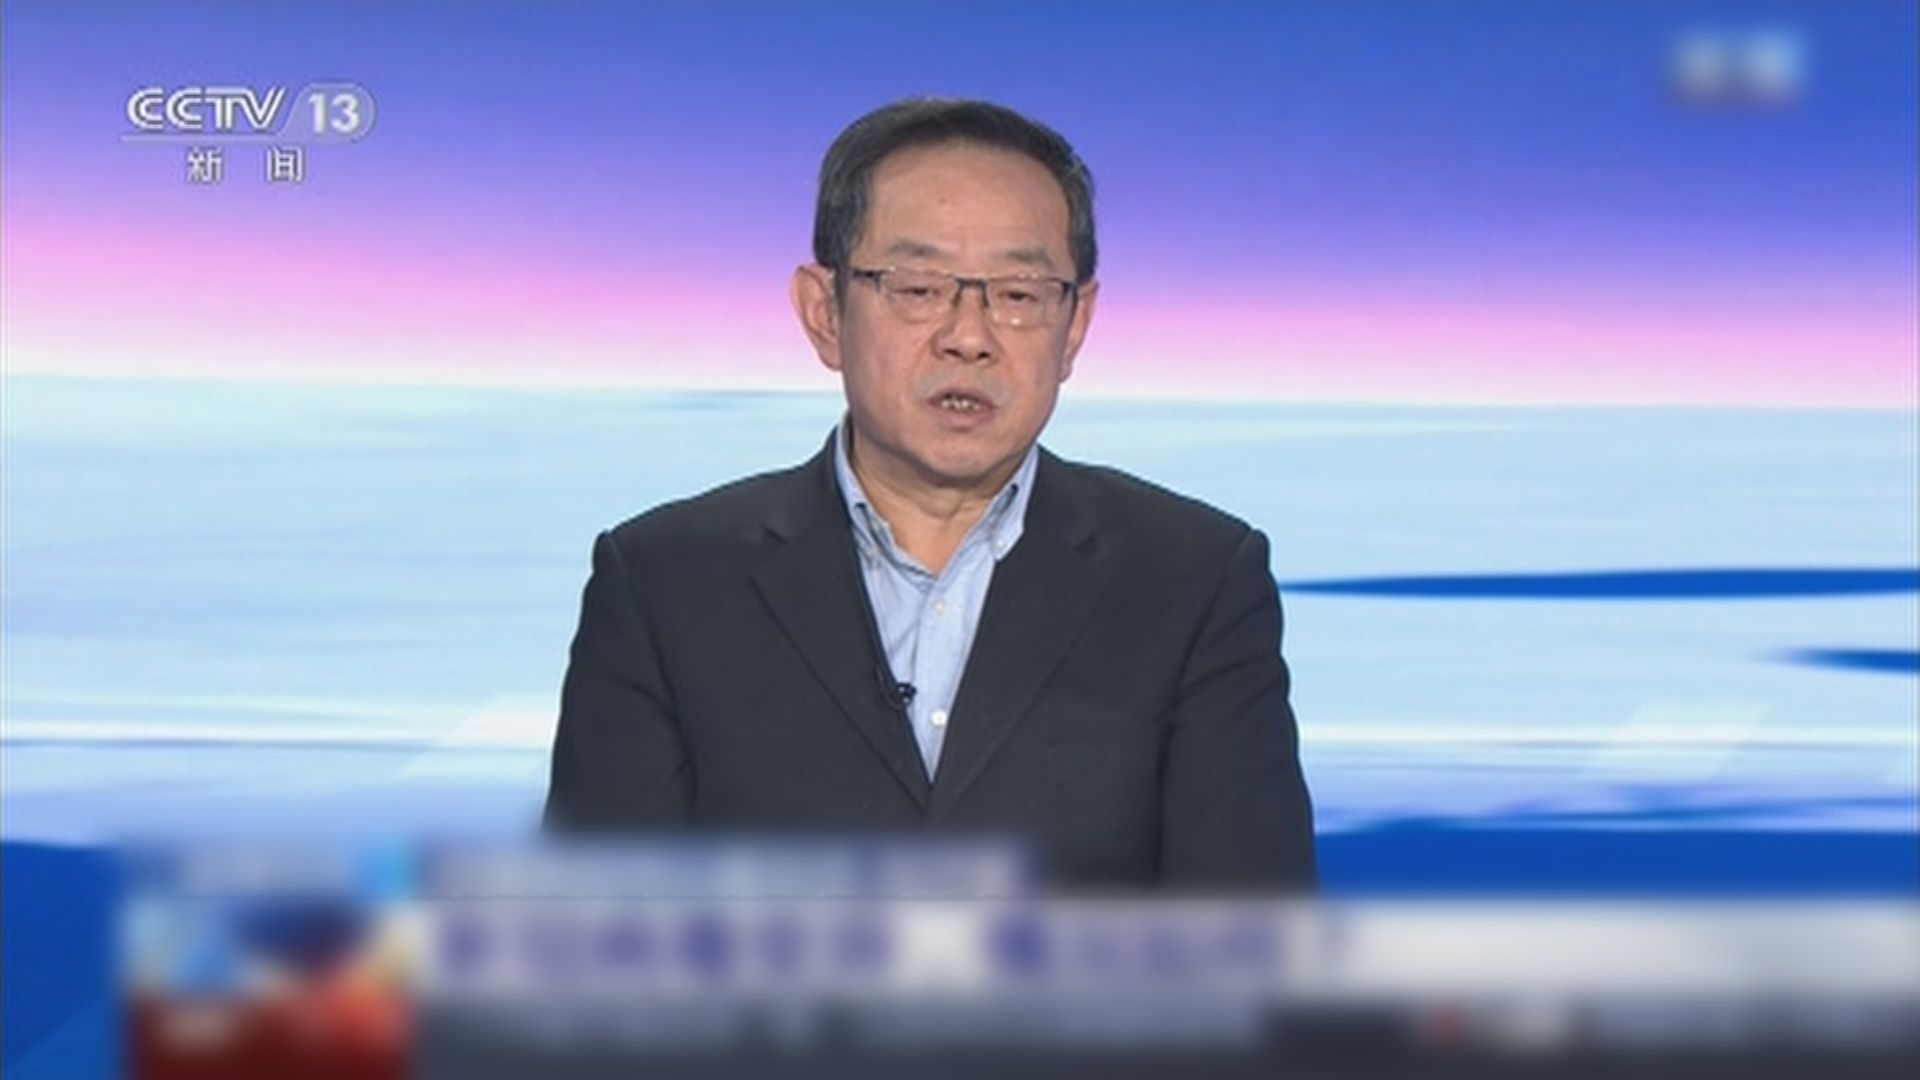 中國疾控中心:變種新冠病毒暫未輸入內地